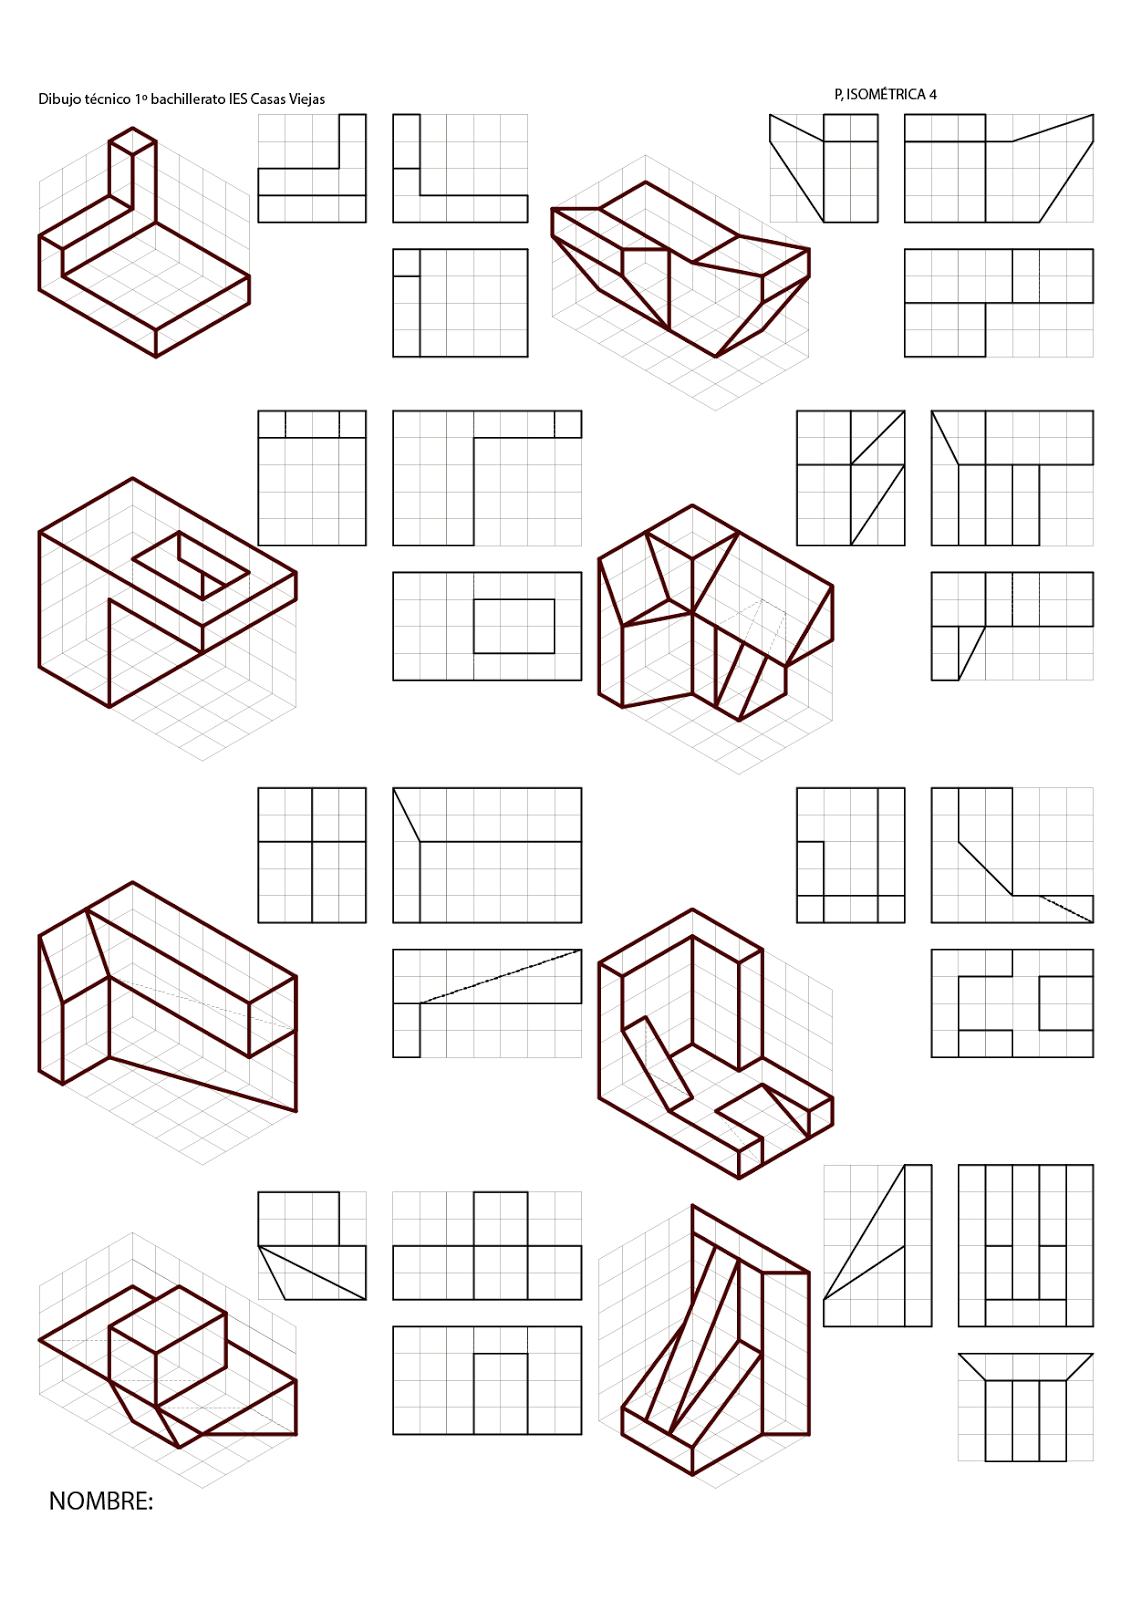 Blog Sobre Dibujo Tecnico De Bachillerato Ejercicios Diedrico Selectividad Clases De Dibujo Tecnico Tecnicas De Dibujo Ejercicios De Dibujo